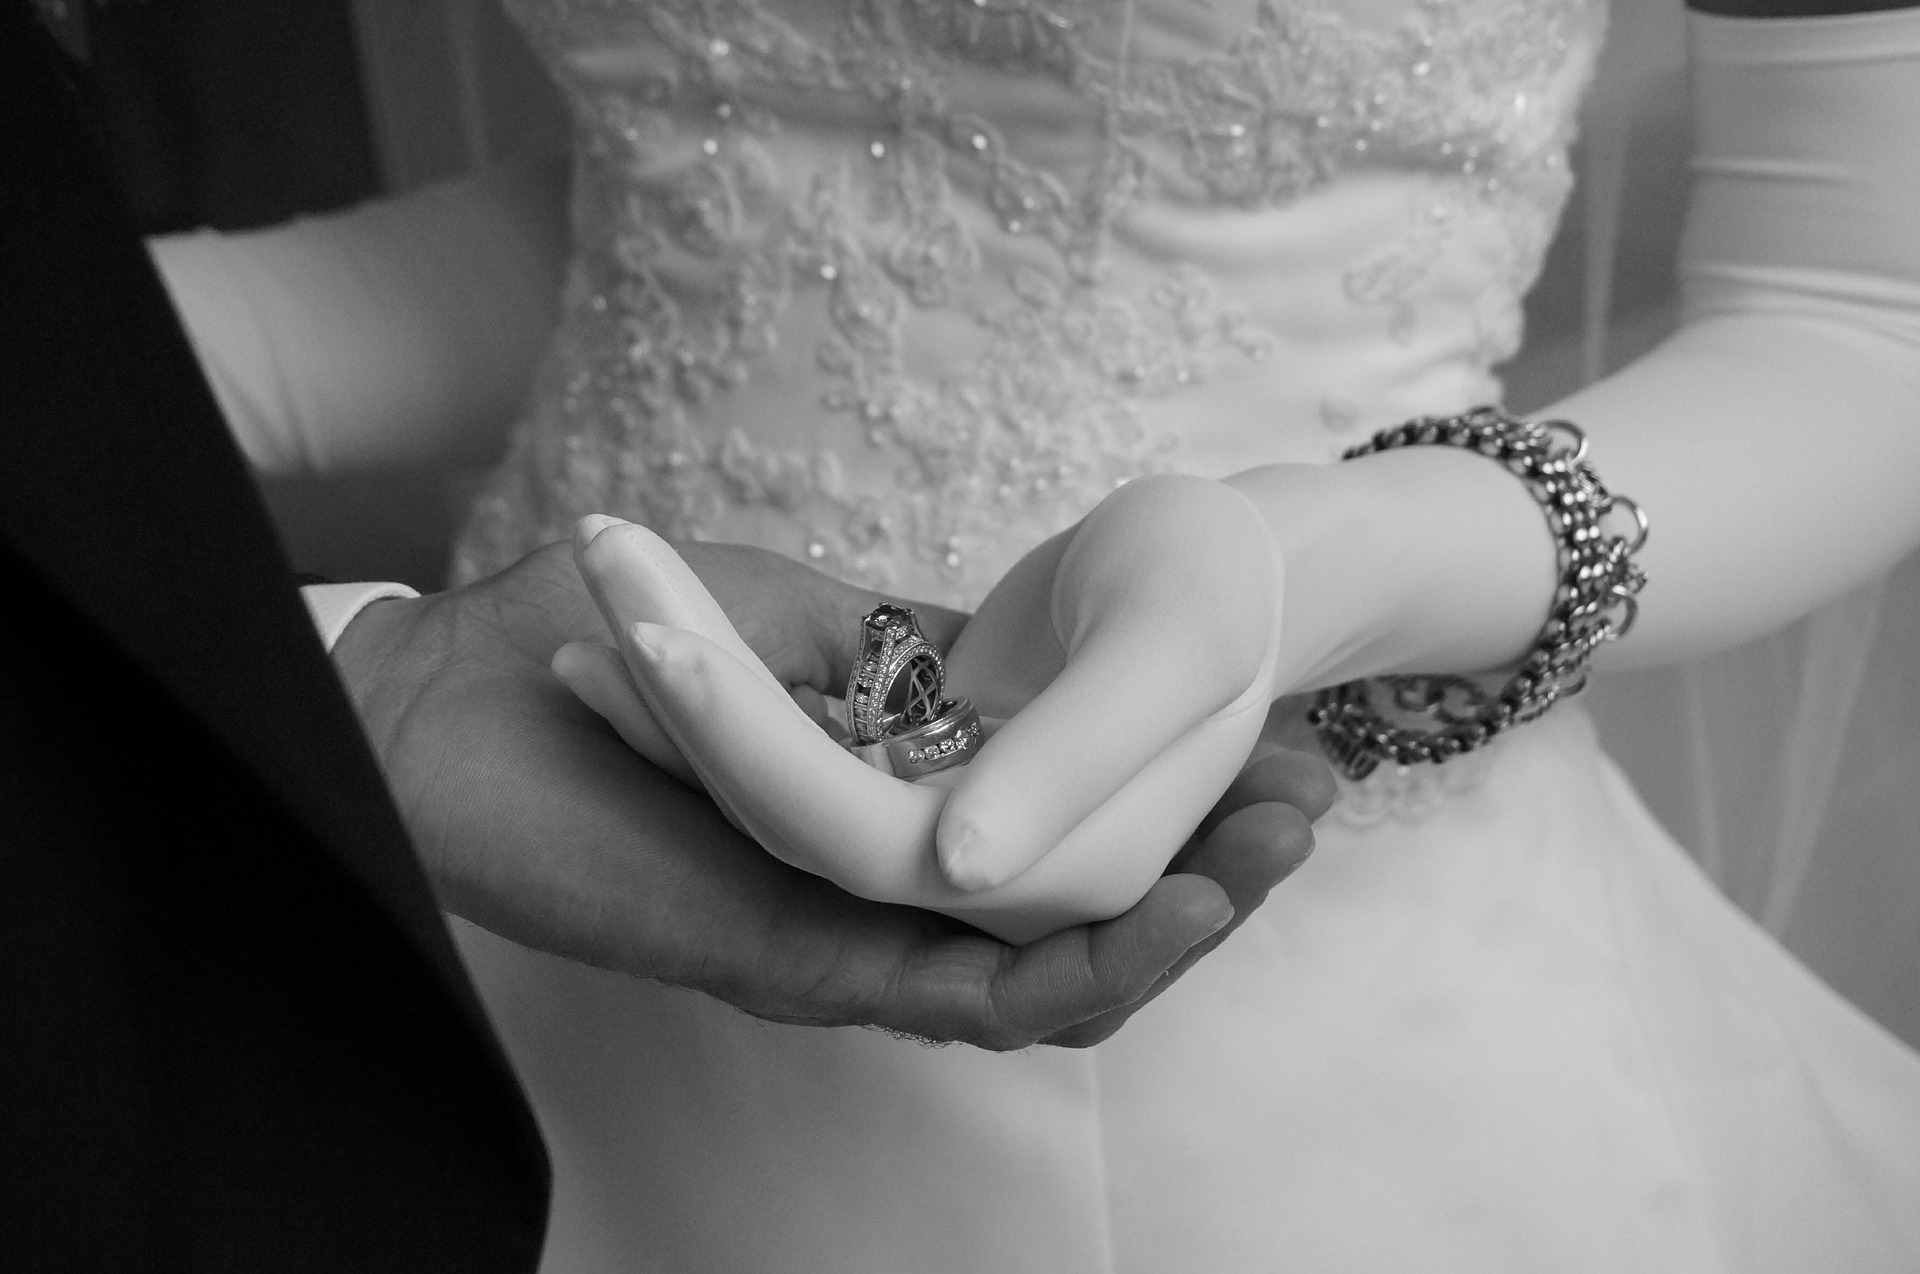 wedding-559422_1920 PIXABAY